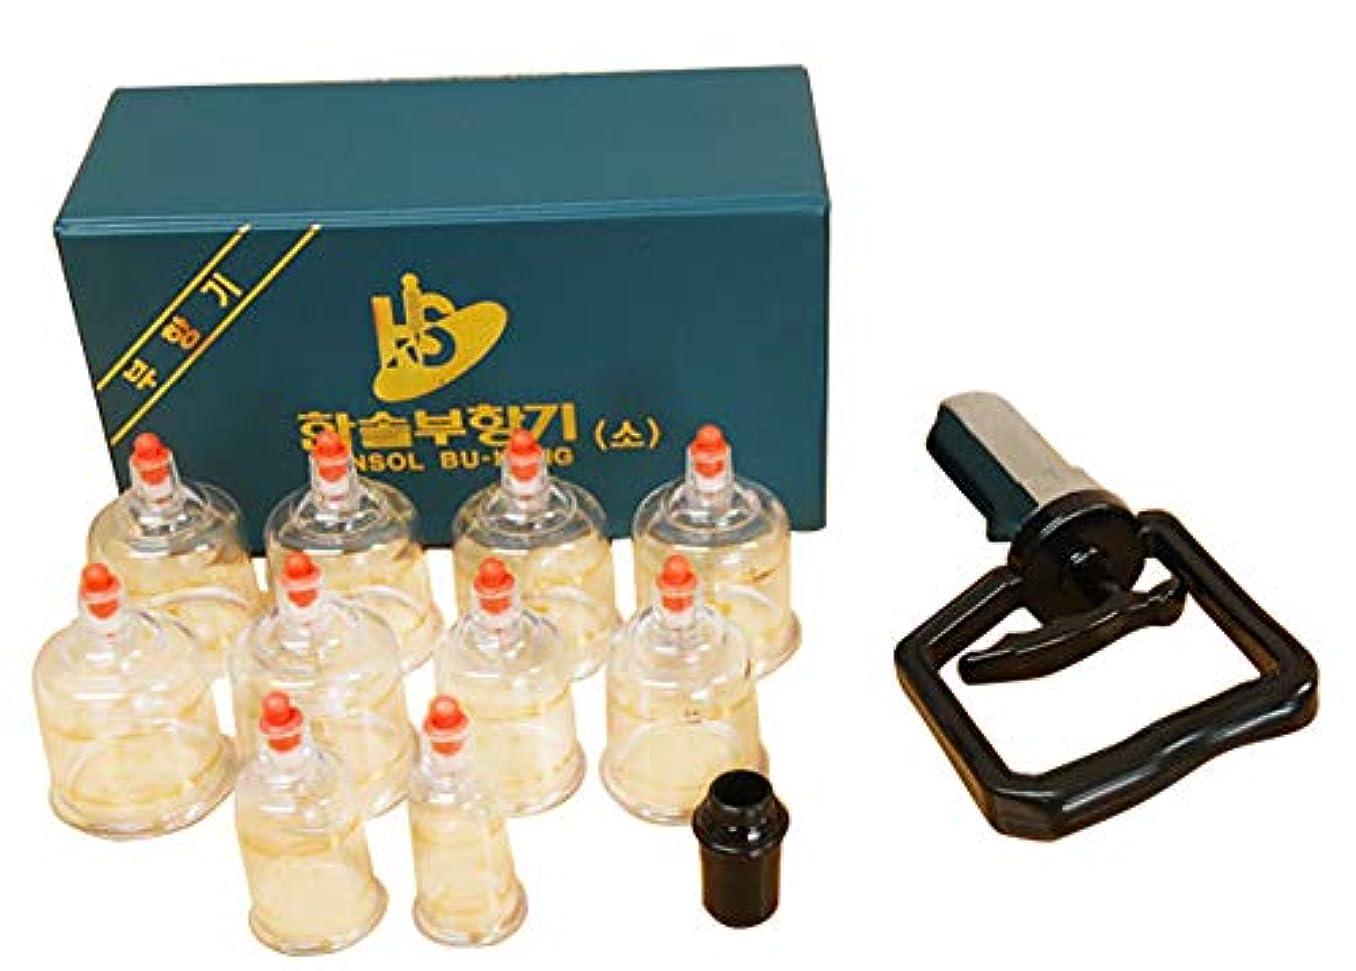 ポルノ交換可能元気な中国四千年の健康法「吸玉」がご家庭で手軽にできる!ハンソルメディカル ブハン カッピングカップ10個セット